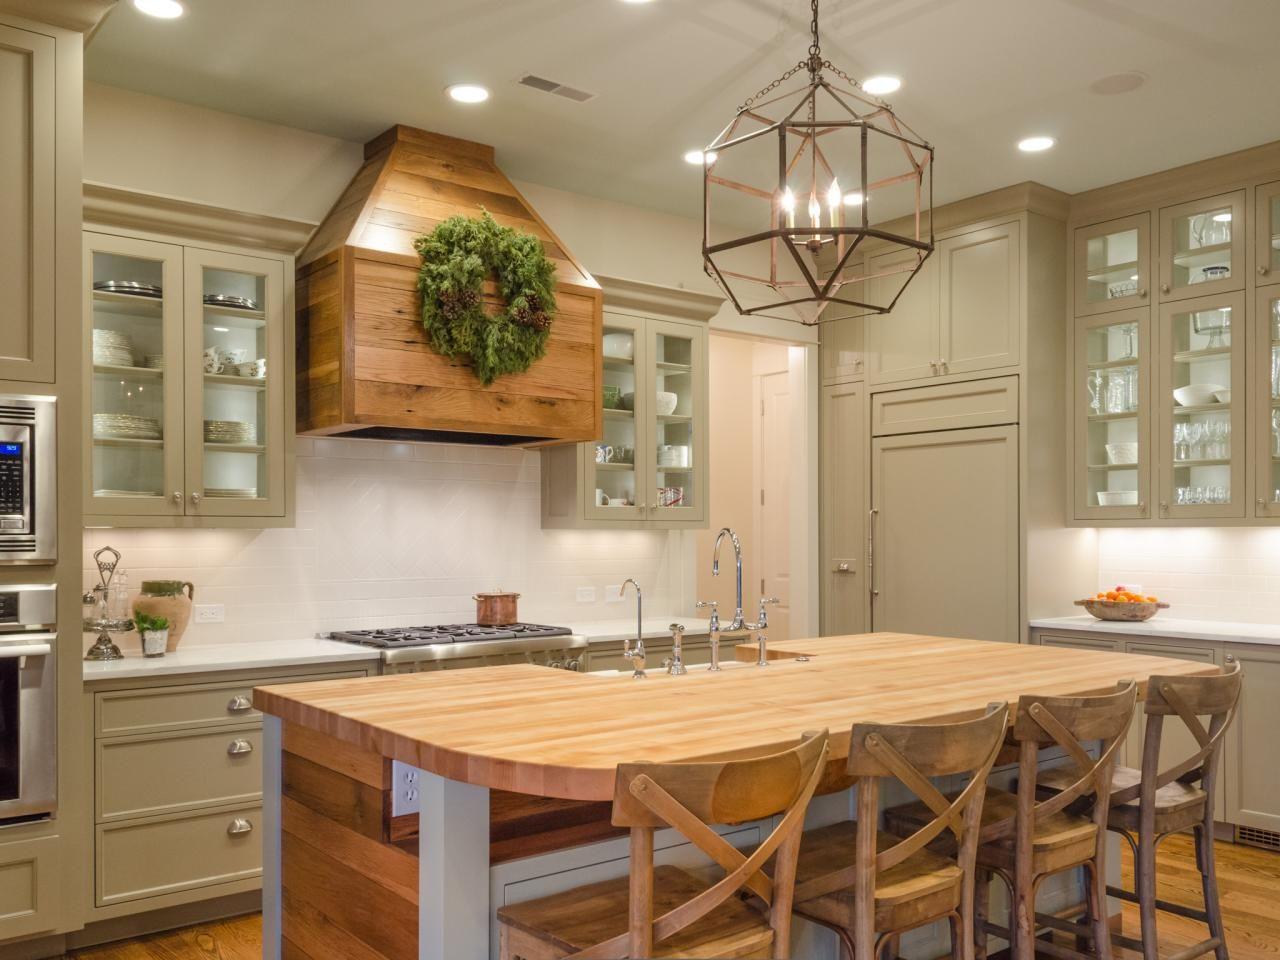 Country Kitchen Design Ideas Farmhouse kitchens